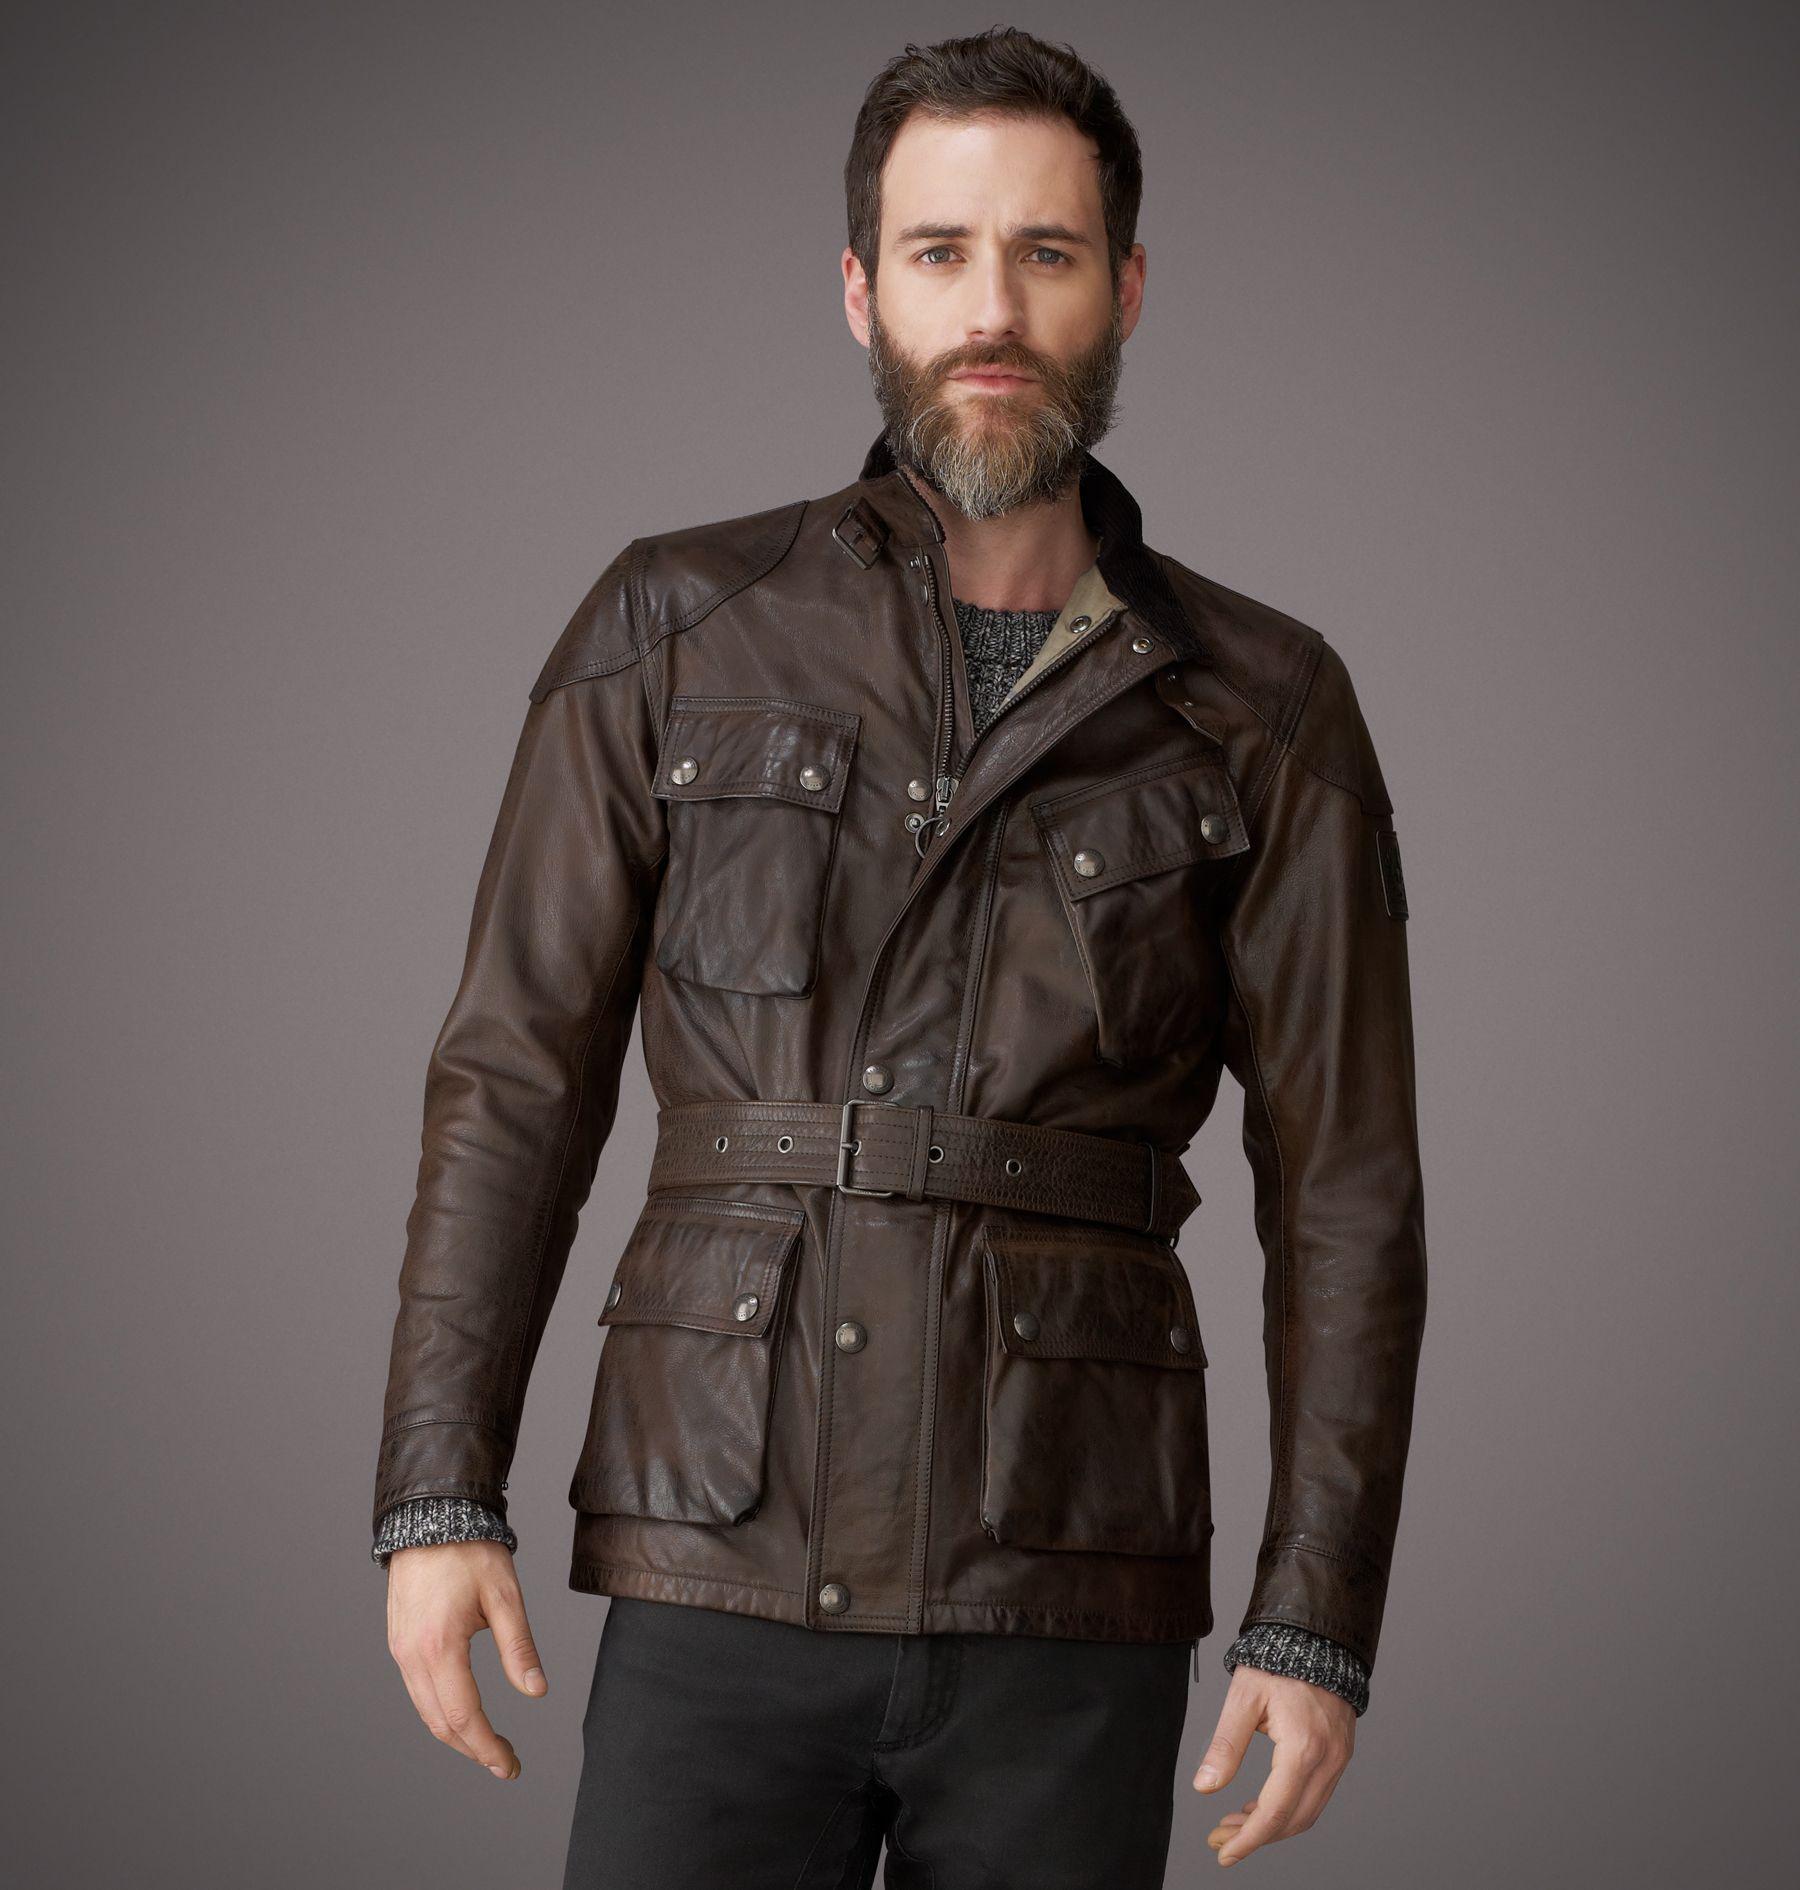 the panther jacket on belstaff clothing pinterest belstaff. Black Bedroom Furniture Sets. Home Design Ideas